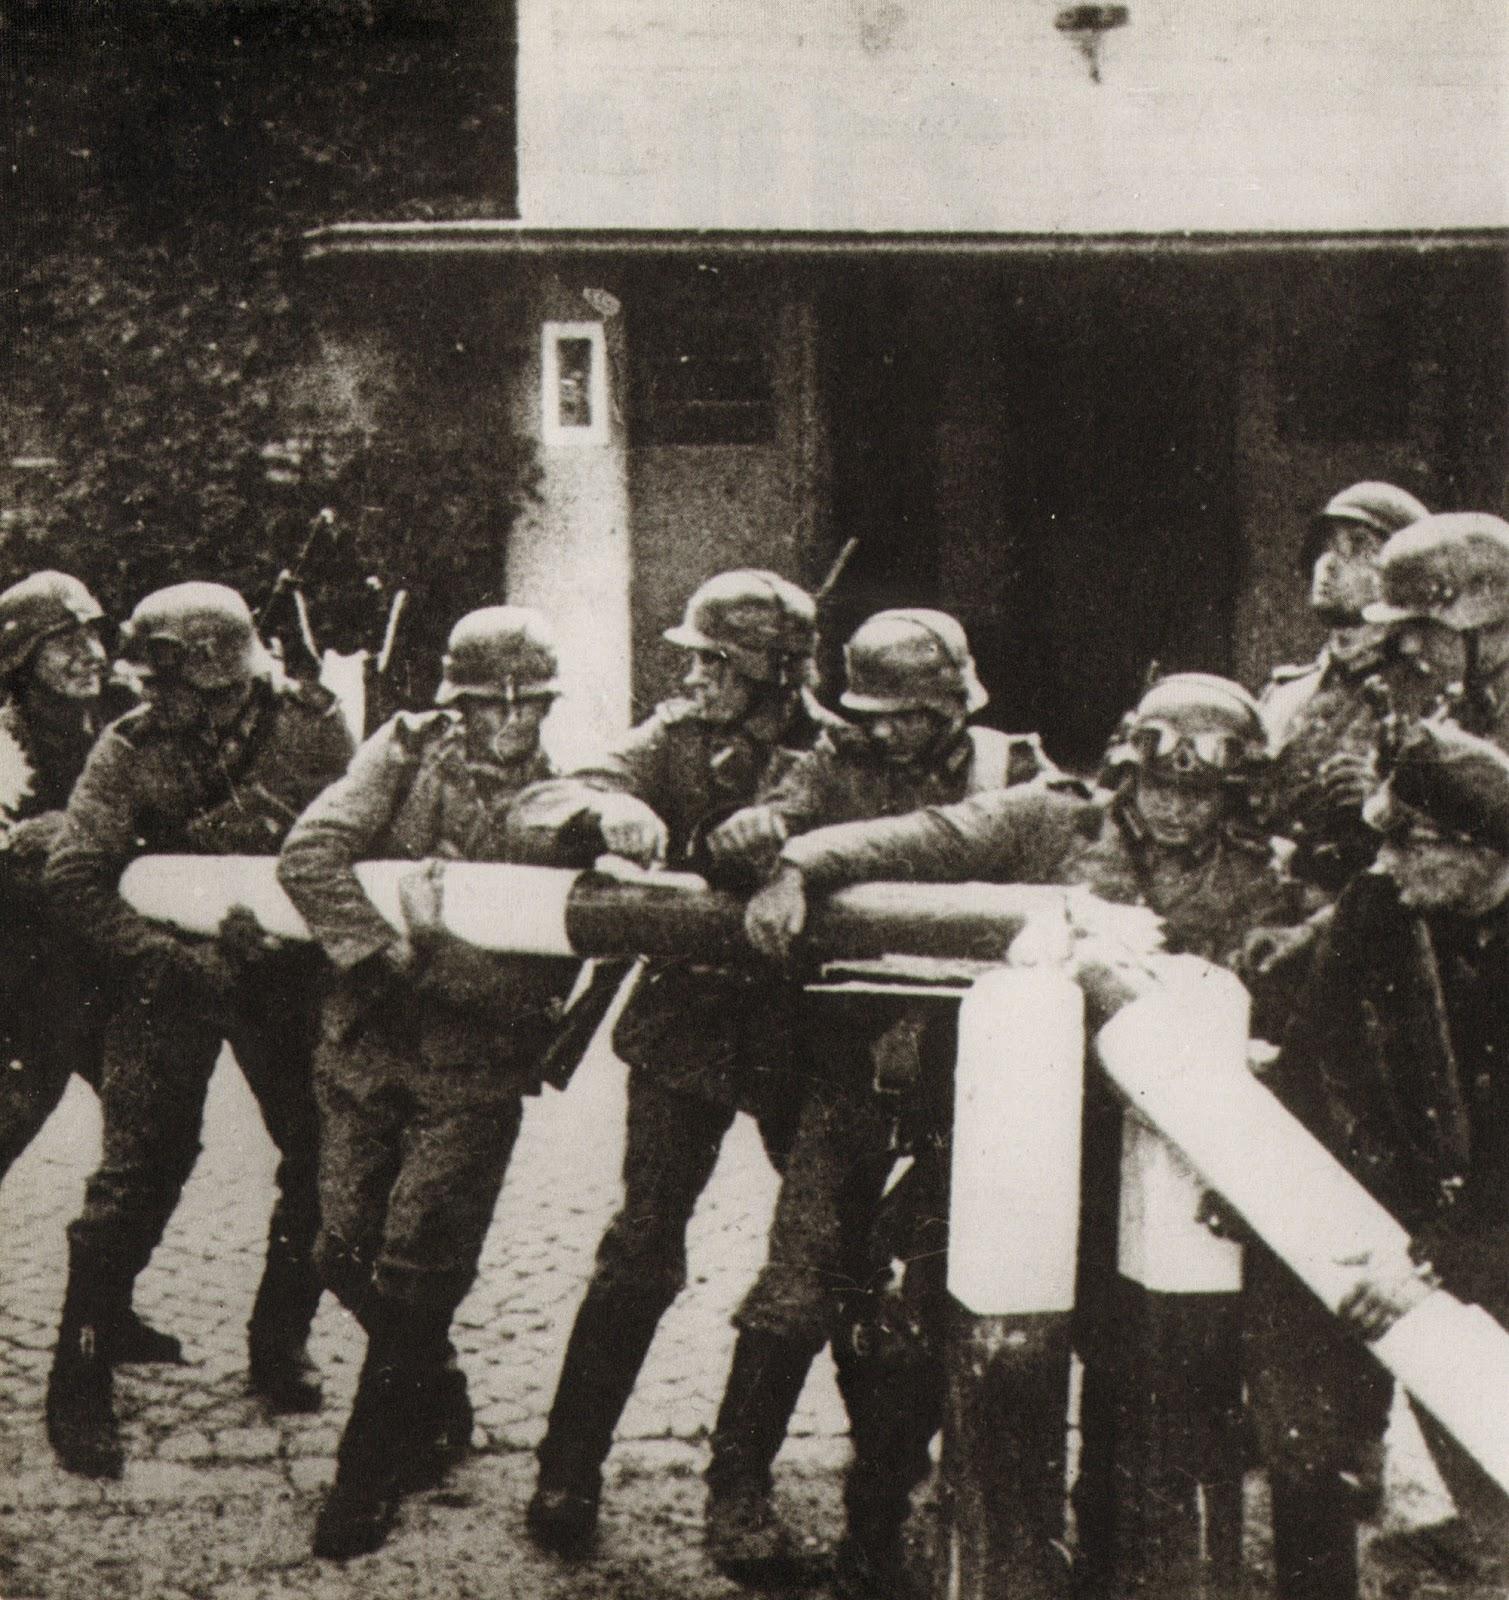 Generazioni e pick up l 39 invasione settembre 1939 for Decorati 2 guerra mondiale